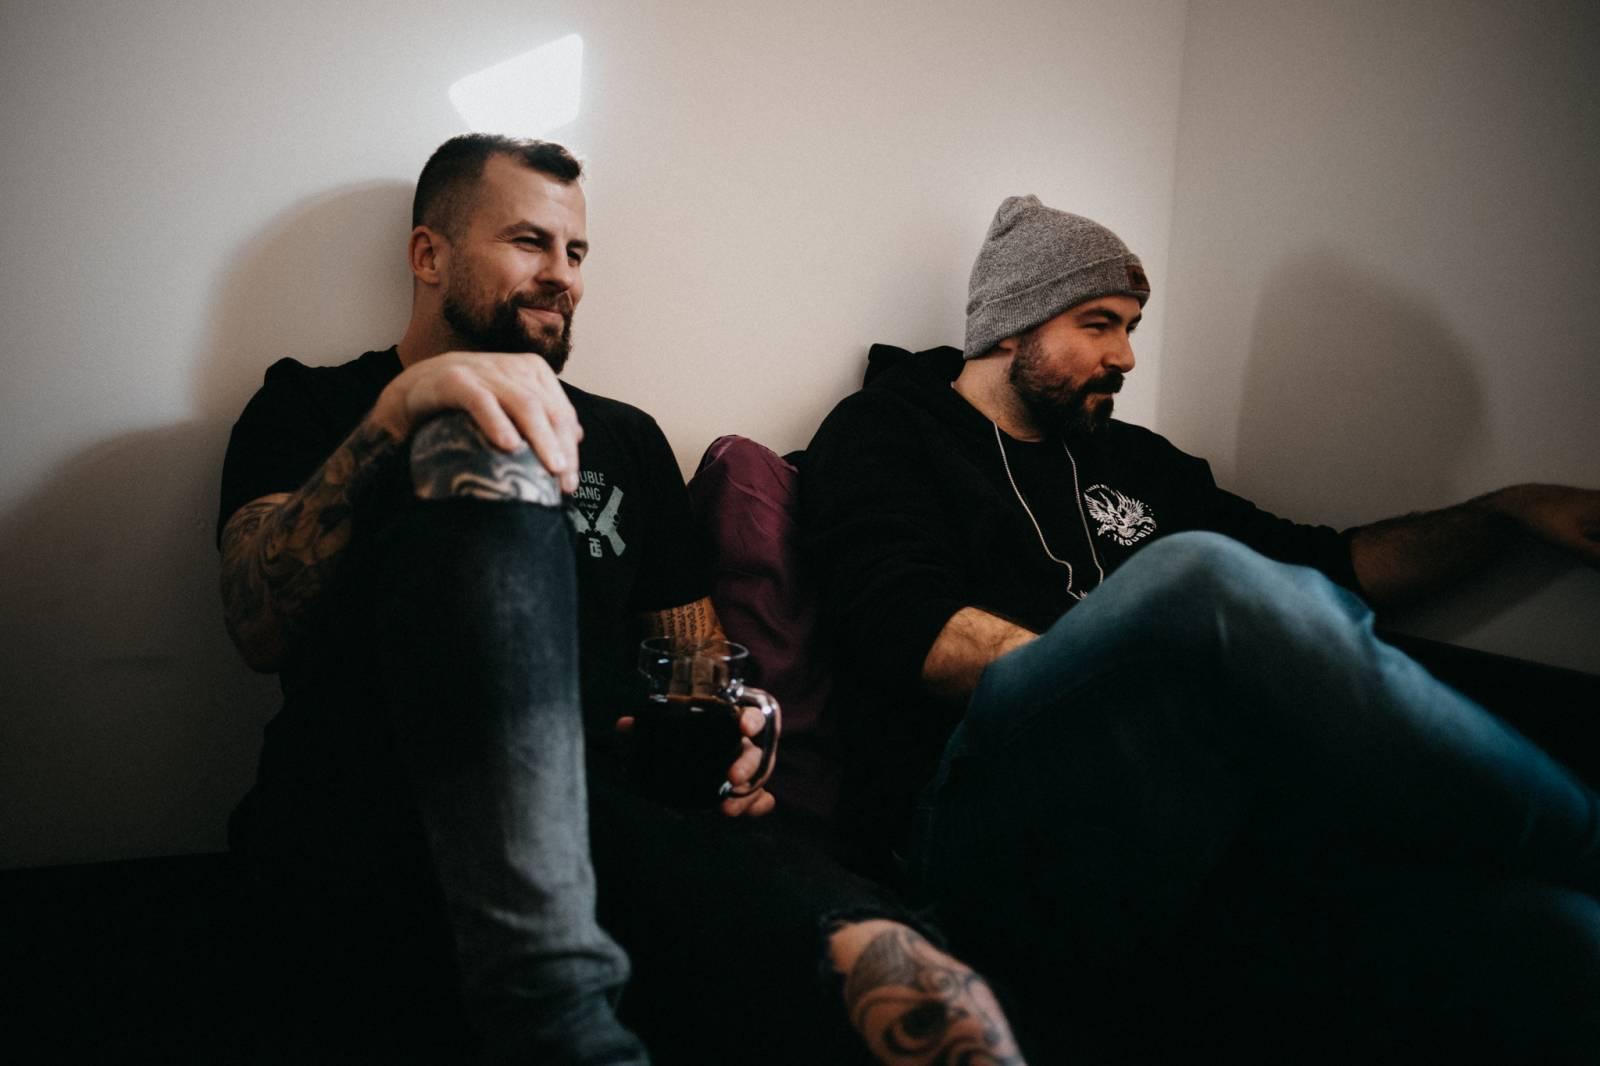 Marpo & TroubleGang interview: Vytvořili jsme něco, co se na české scéně ještě nikomu nepodařilo